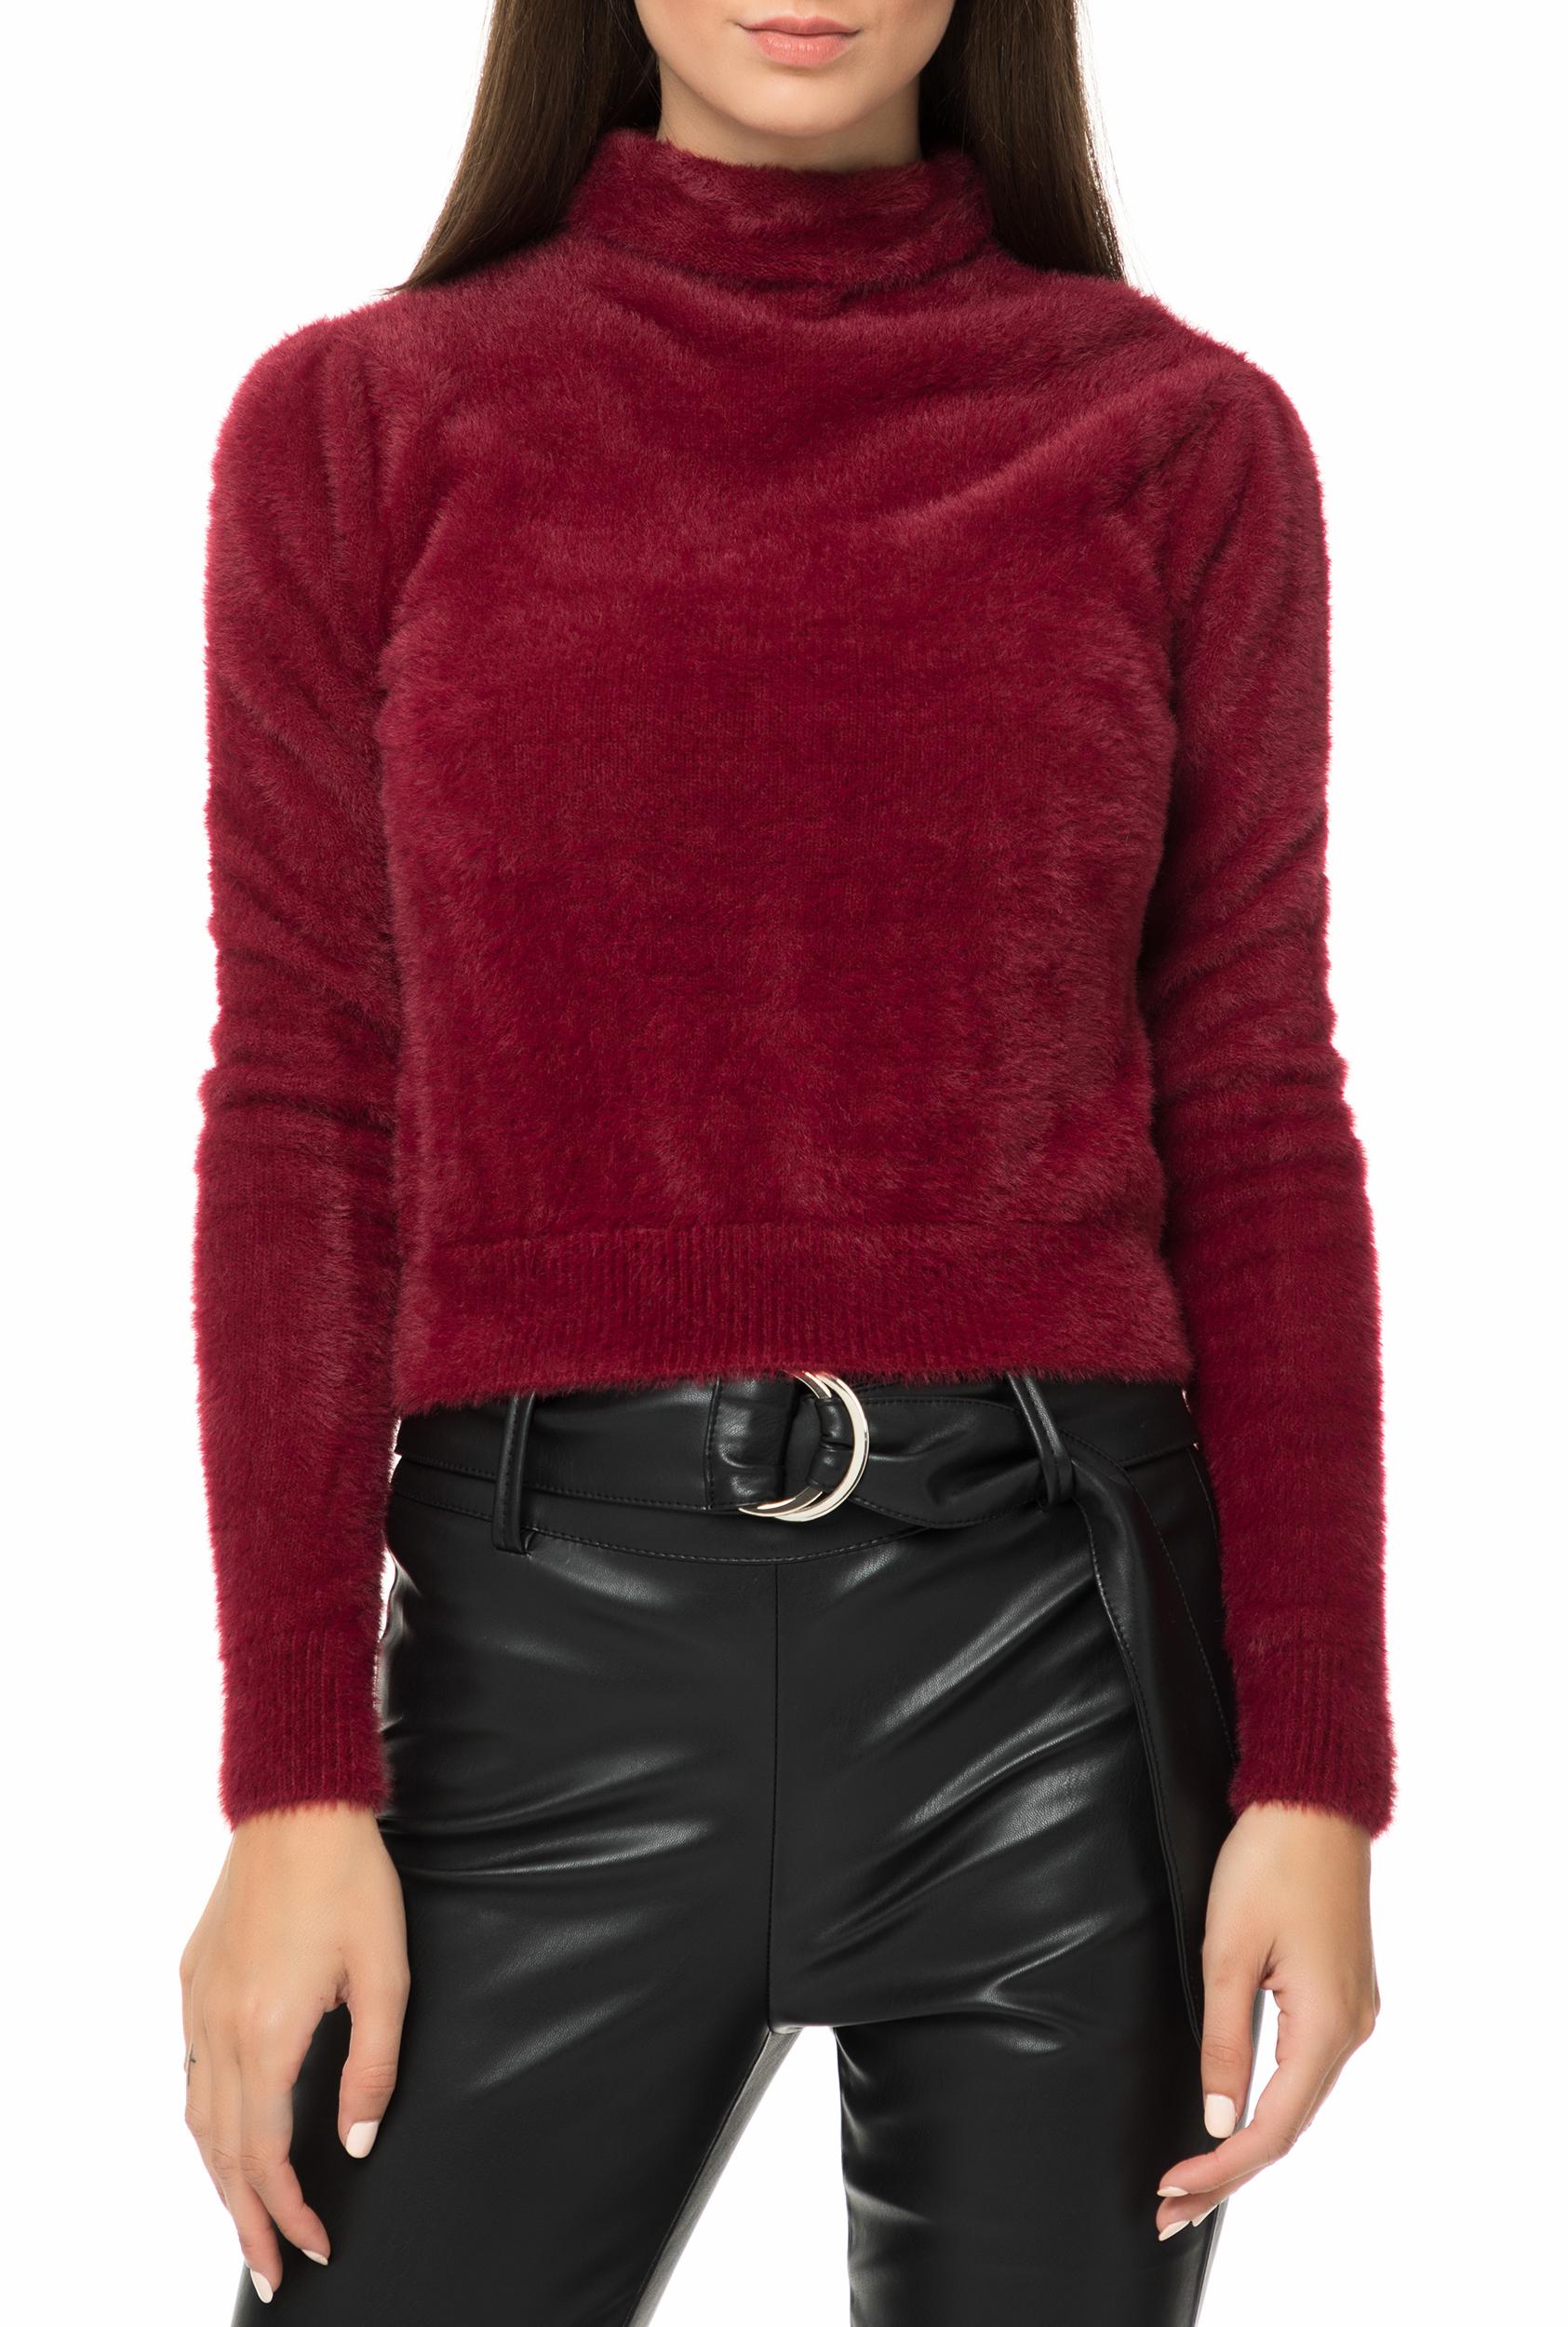 ab6921be3e32 GUESS - Γυναικείο πουλόβερ με ζιβάγκο GUESS KRISTEEN μπορντό